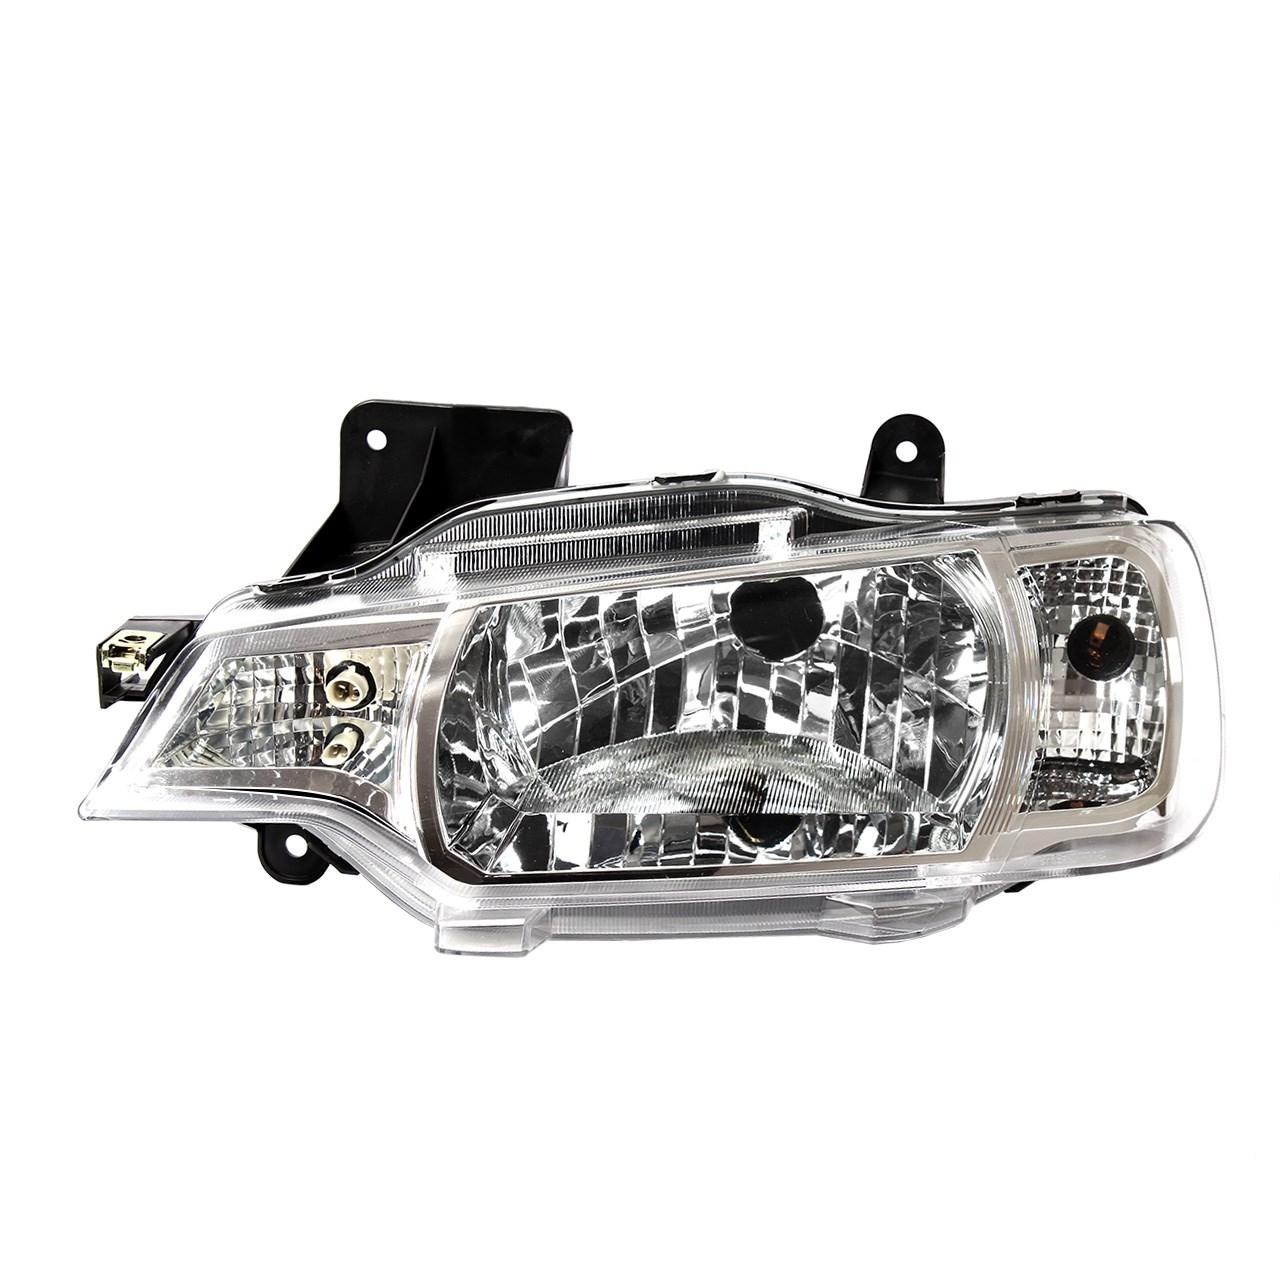 چراغ جلو چپ خودرو اس ان تی مدل SNTARHL  موتوردار مناسب برای آریسان